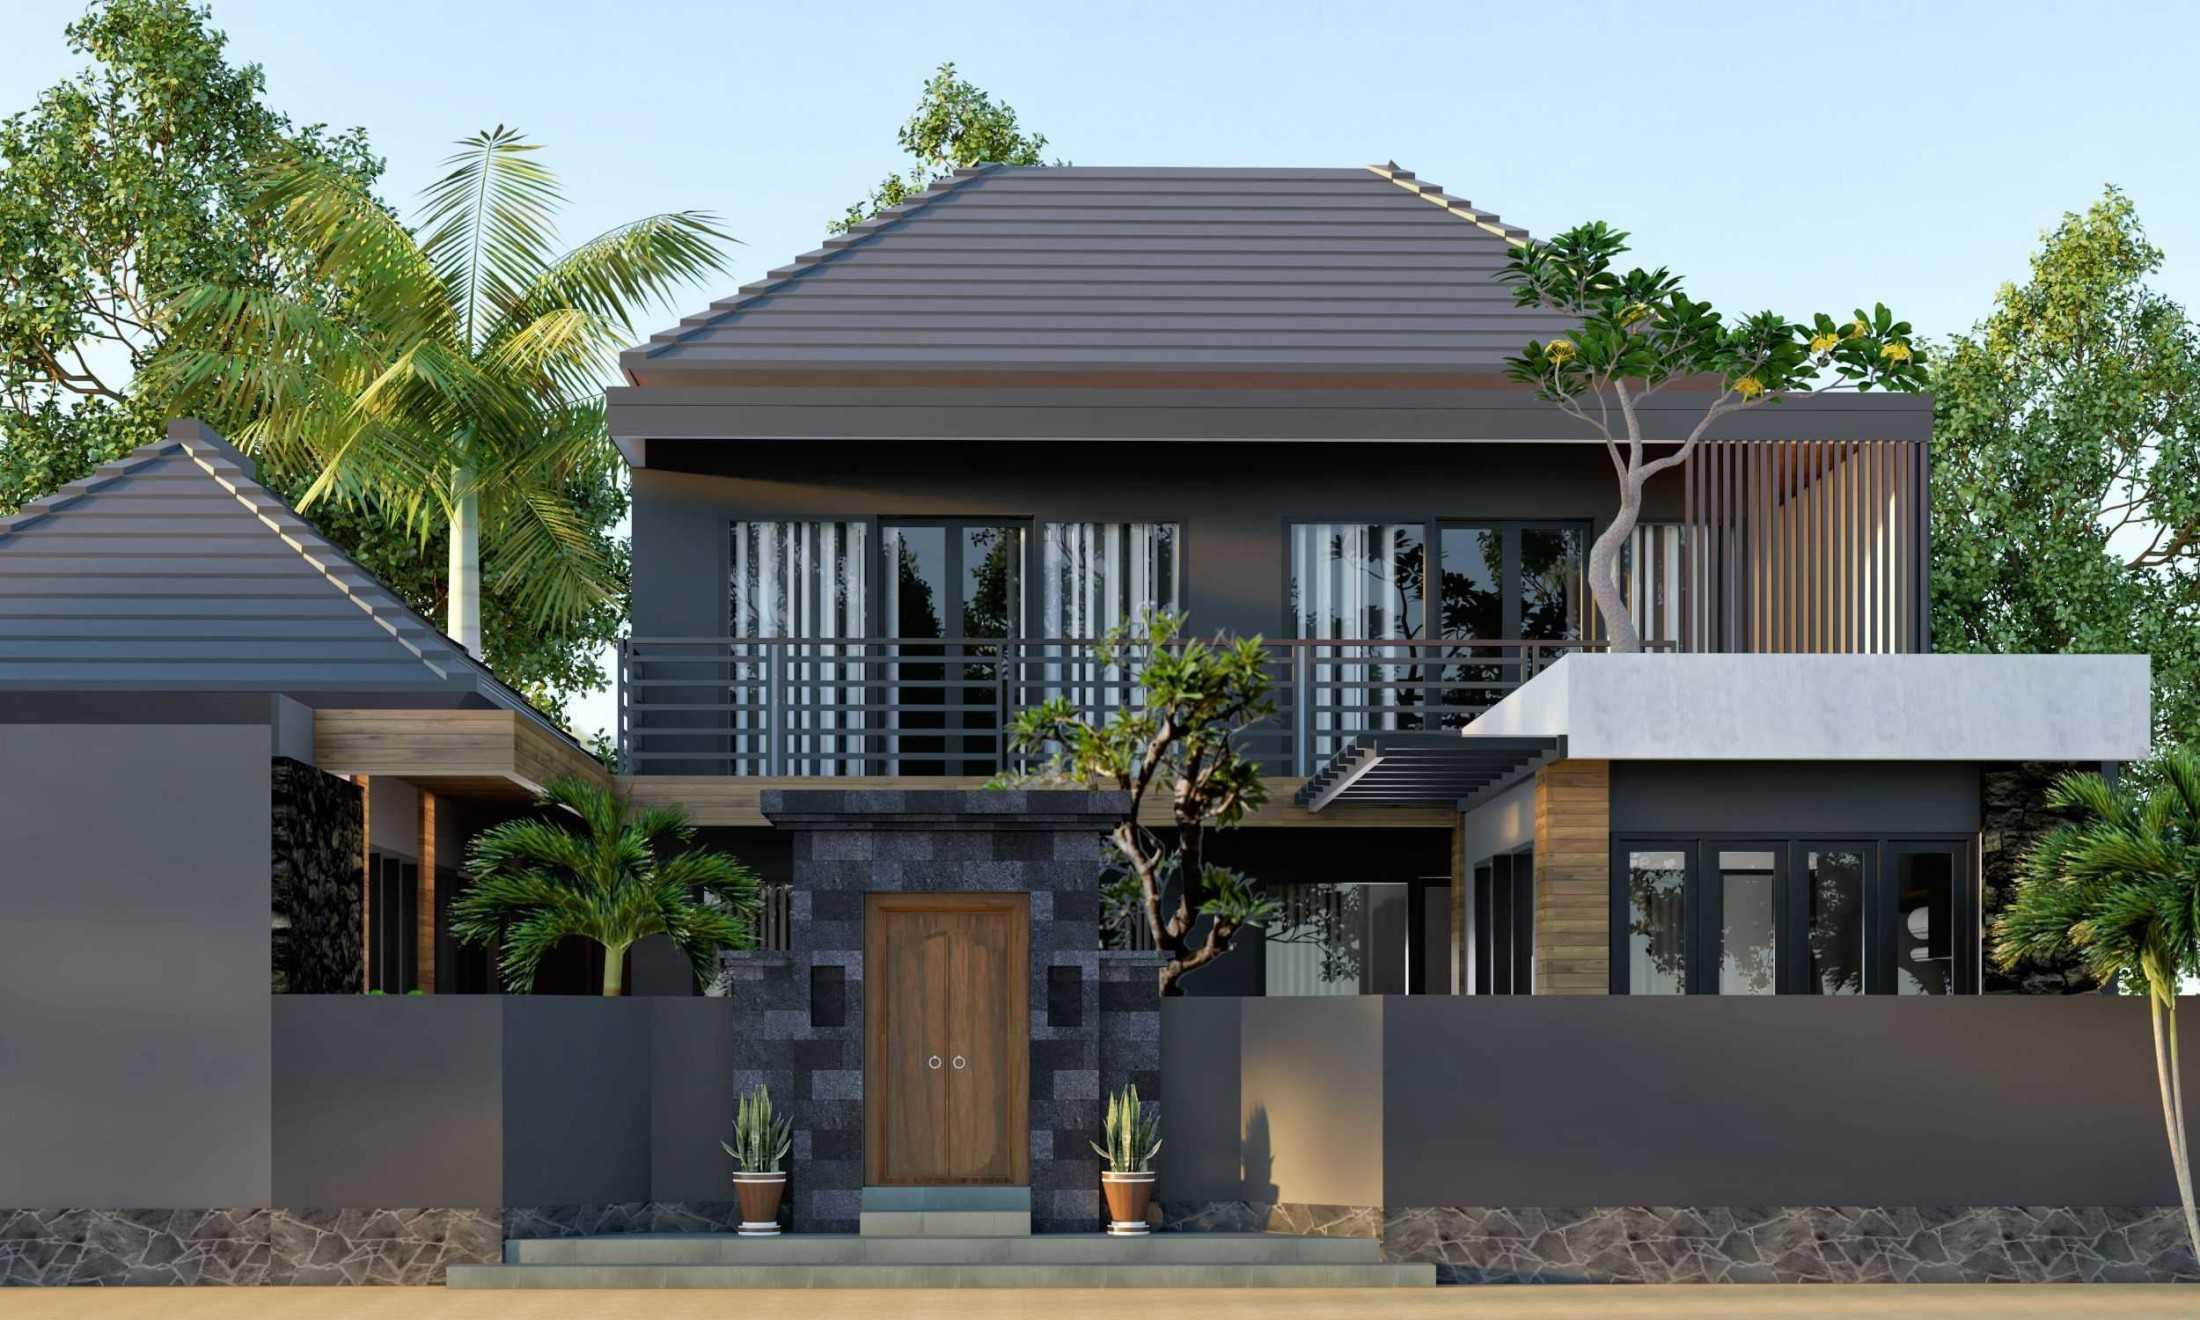 Niara Space The Black House Ubud, Kecamatan Ubud, Kabupaten Gianyar, Bali, Indonesia Ubud, Kecamatan Ubud, Kabupaten Gianyar, Bali, Indonesia Design-8-Studio-The-Black-House  72599